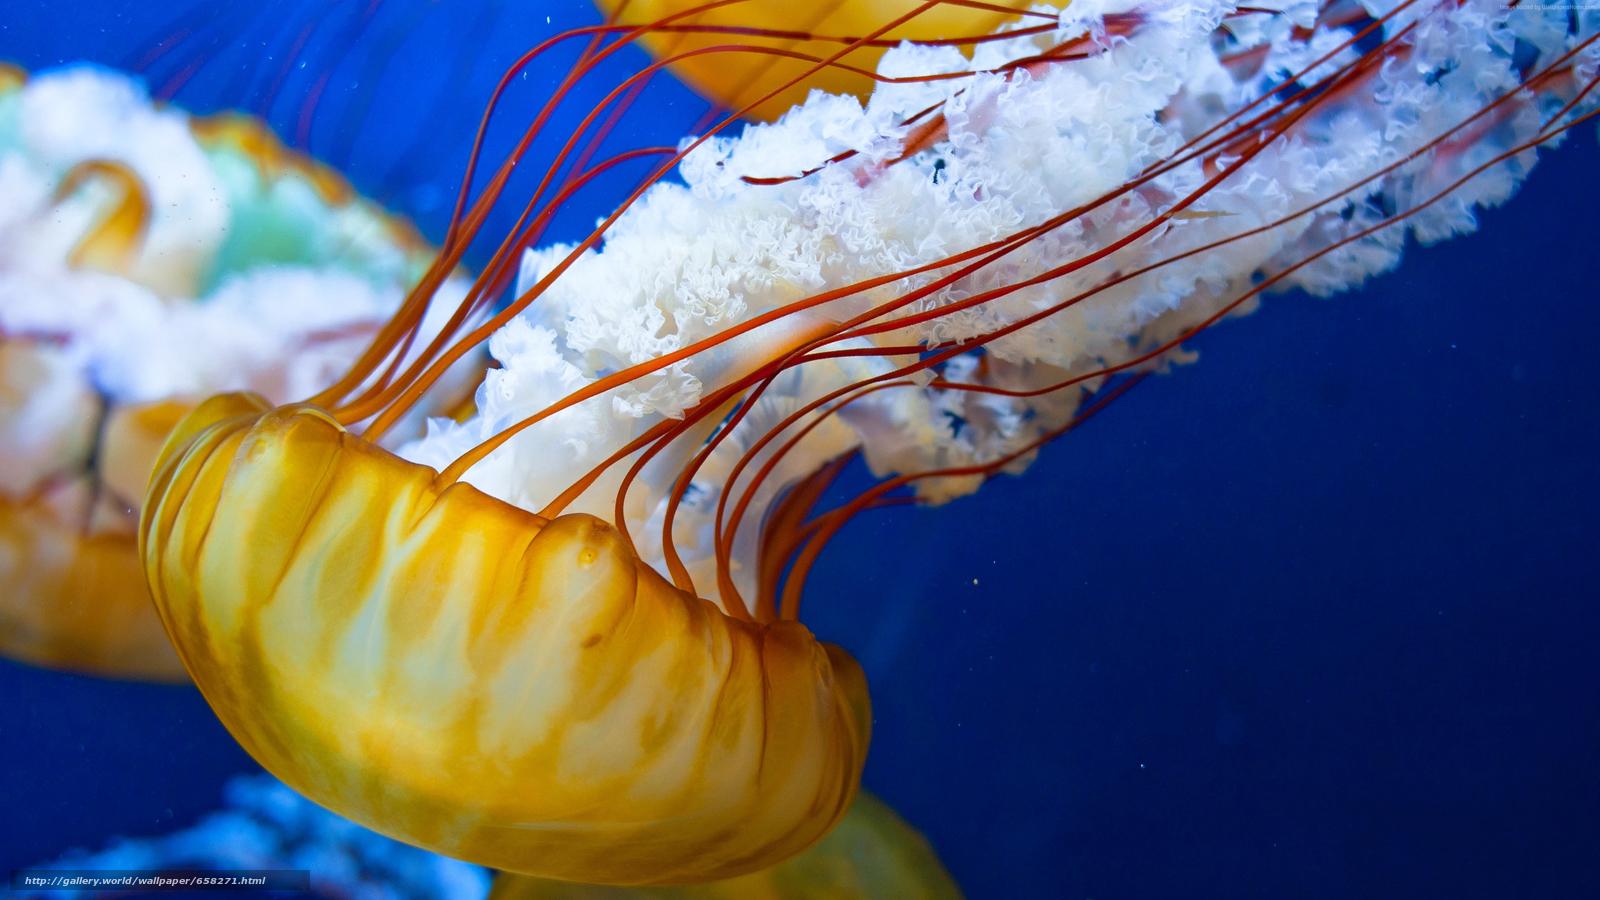 Tlcharger Fond d'ecran méduses,  Jellyfish,  Monde sous-marin,  eau Fonds d'ecran gratuits pour votre rsolution du bureau 3840x2160 — image №658271